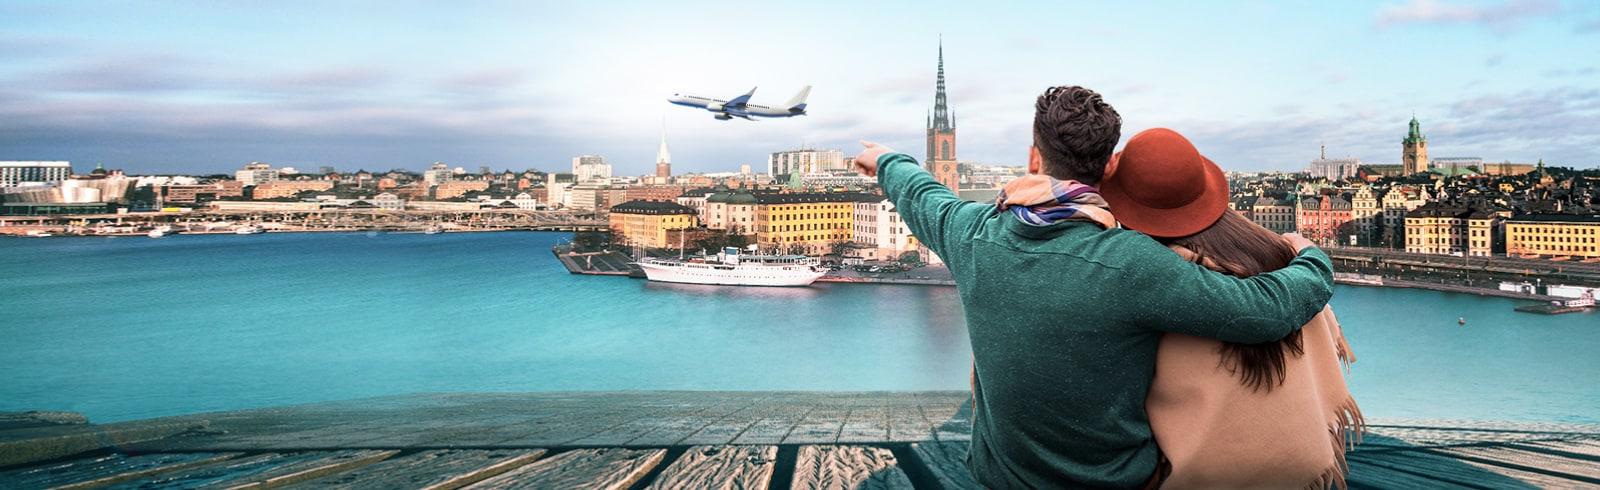 Cn airline mileage